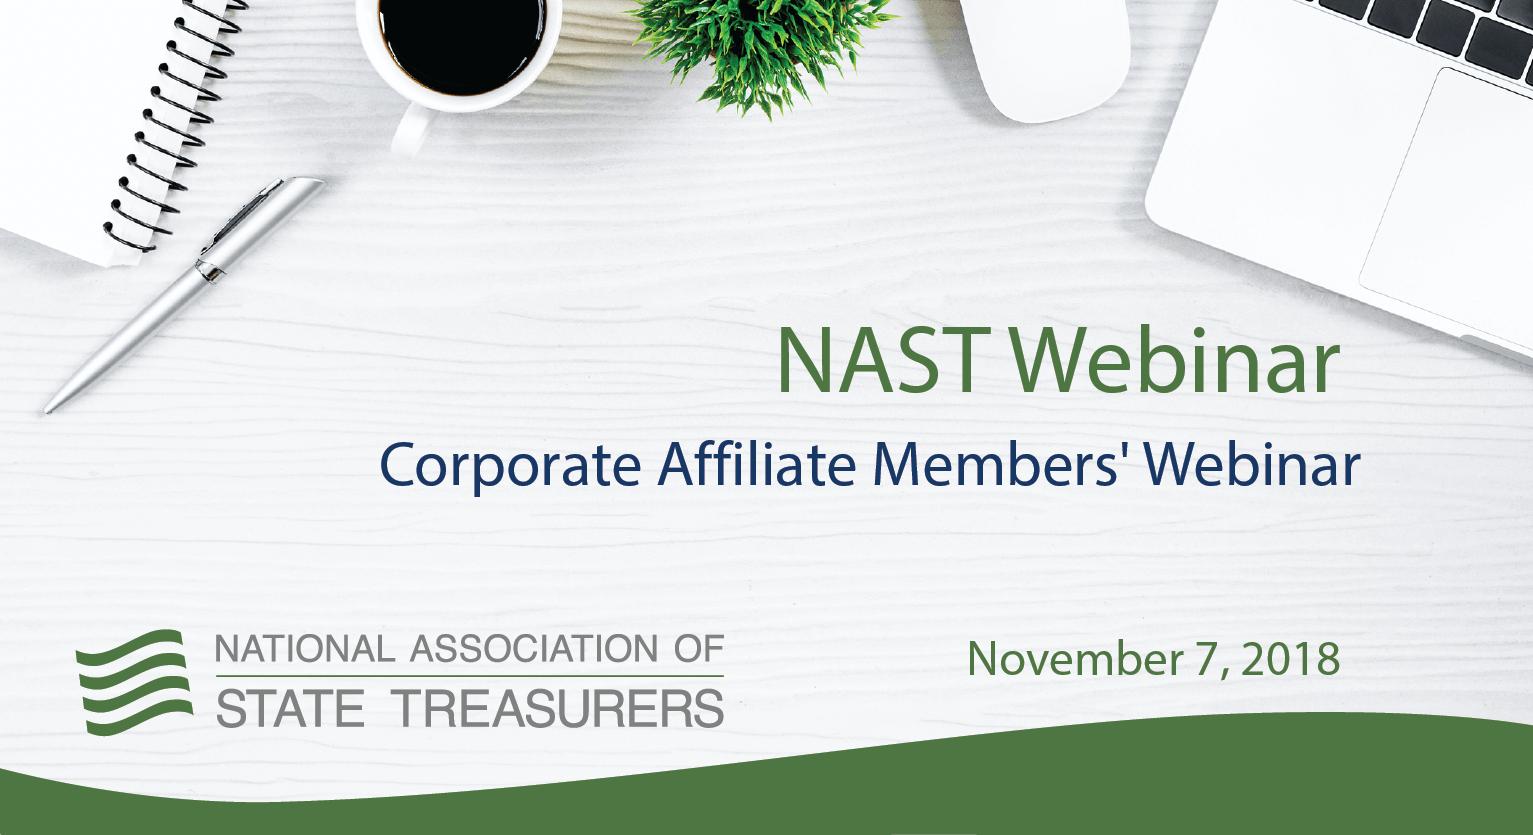 Corporate Affiliate Members' Webinar